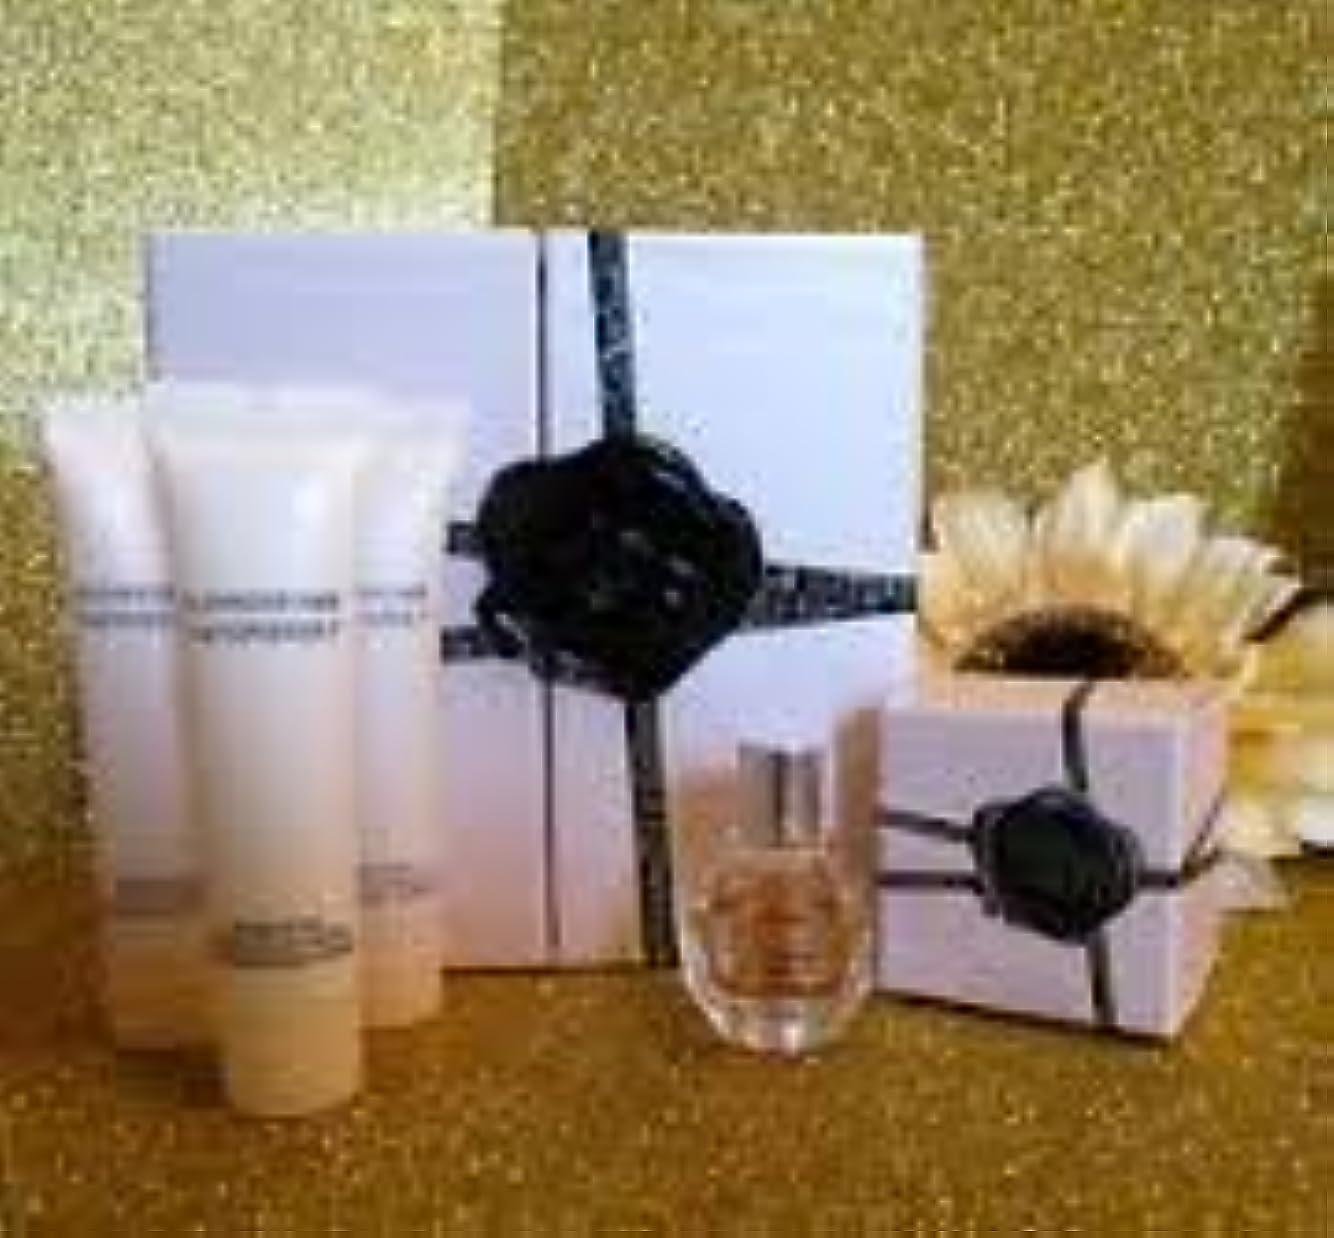 書き込み粒子評価可能Flowerbomb (フラワーボム) Miniature ミニチュア Gift Set by Viktor & Rolf for Women